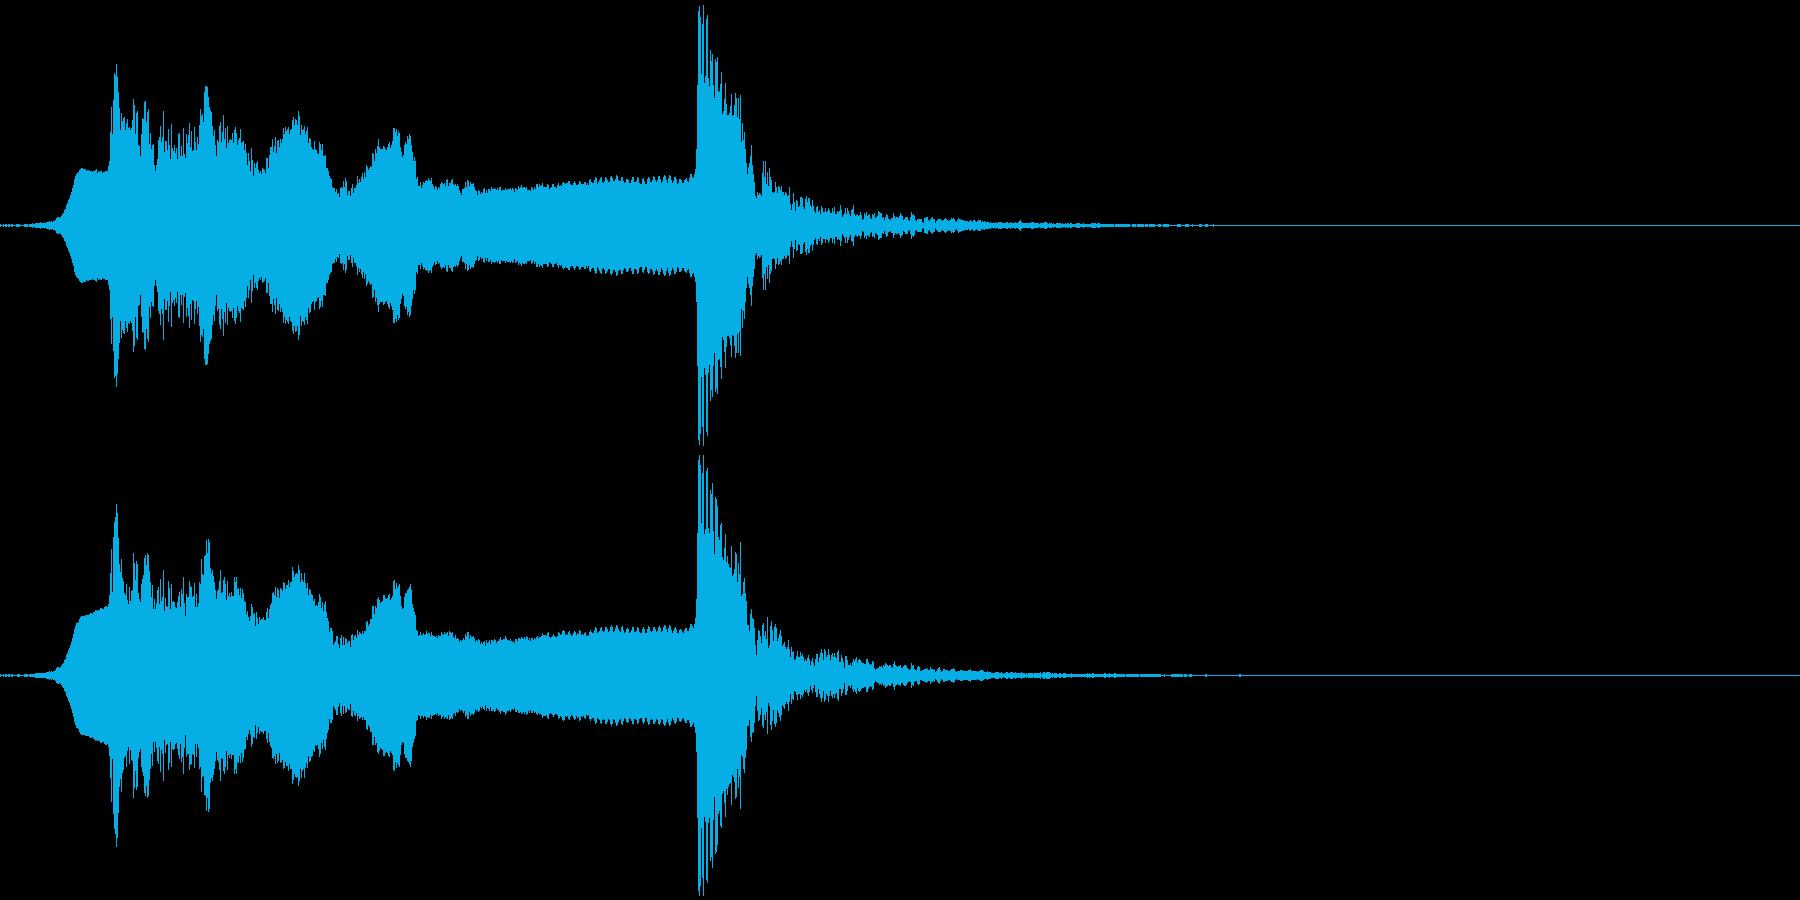 サウンドロゴ笛(能管)と太鼓ですの再生済みの波形